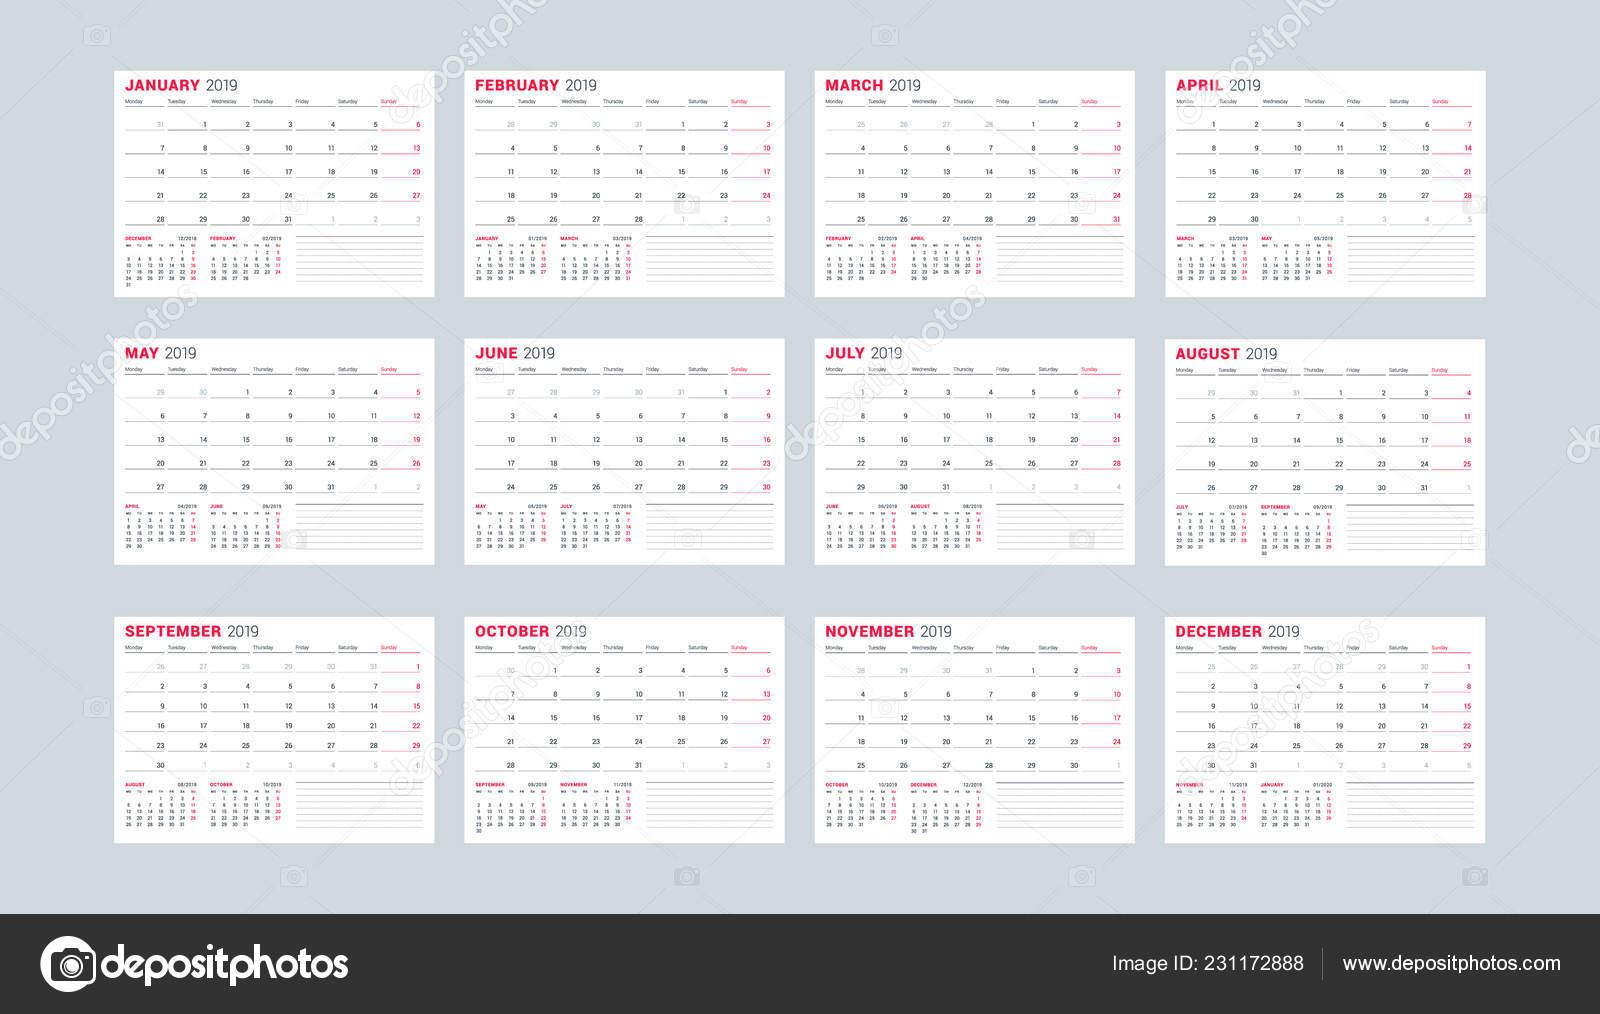 Calendario 2019 Julio Agosto Y Septiembre.Plantilla Calendario Para Ano 2019 Conjunto Meses Enero